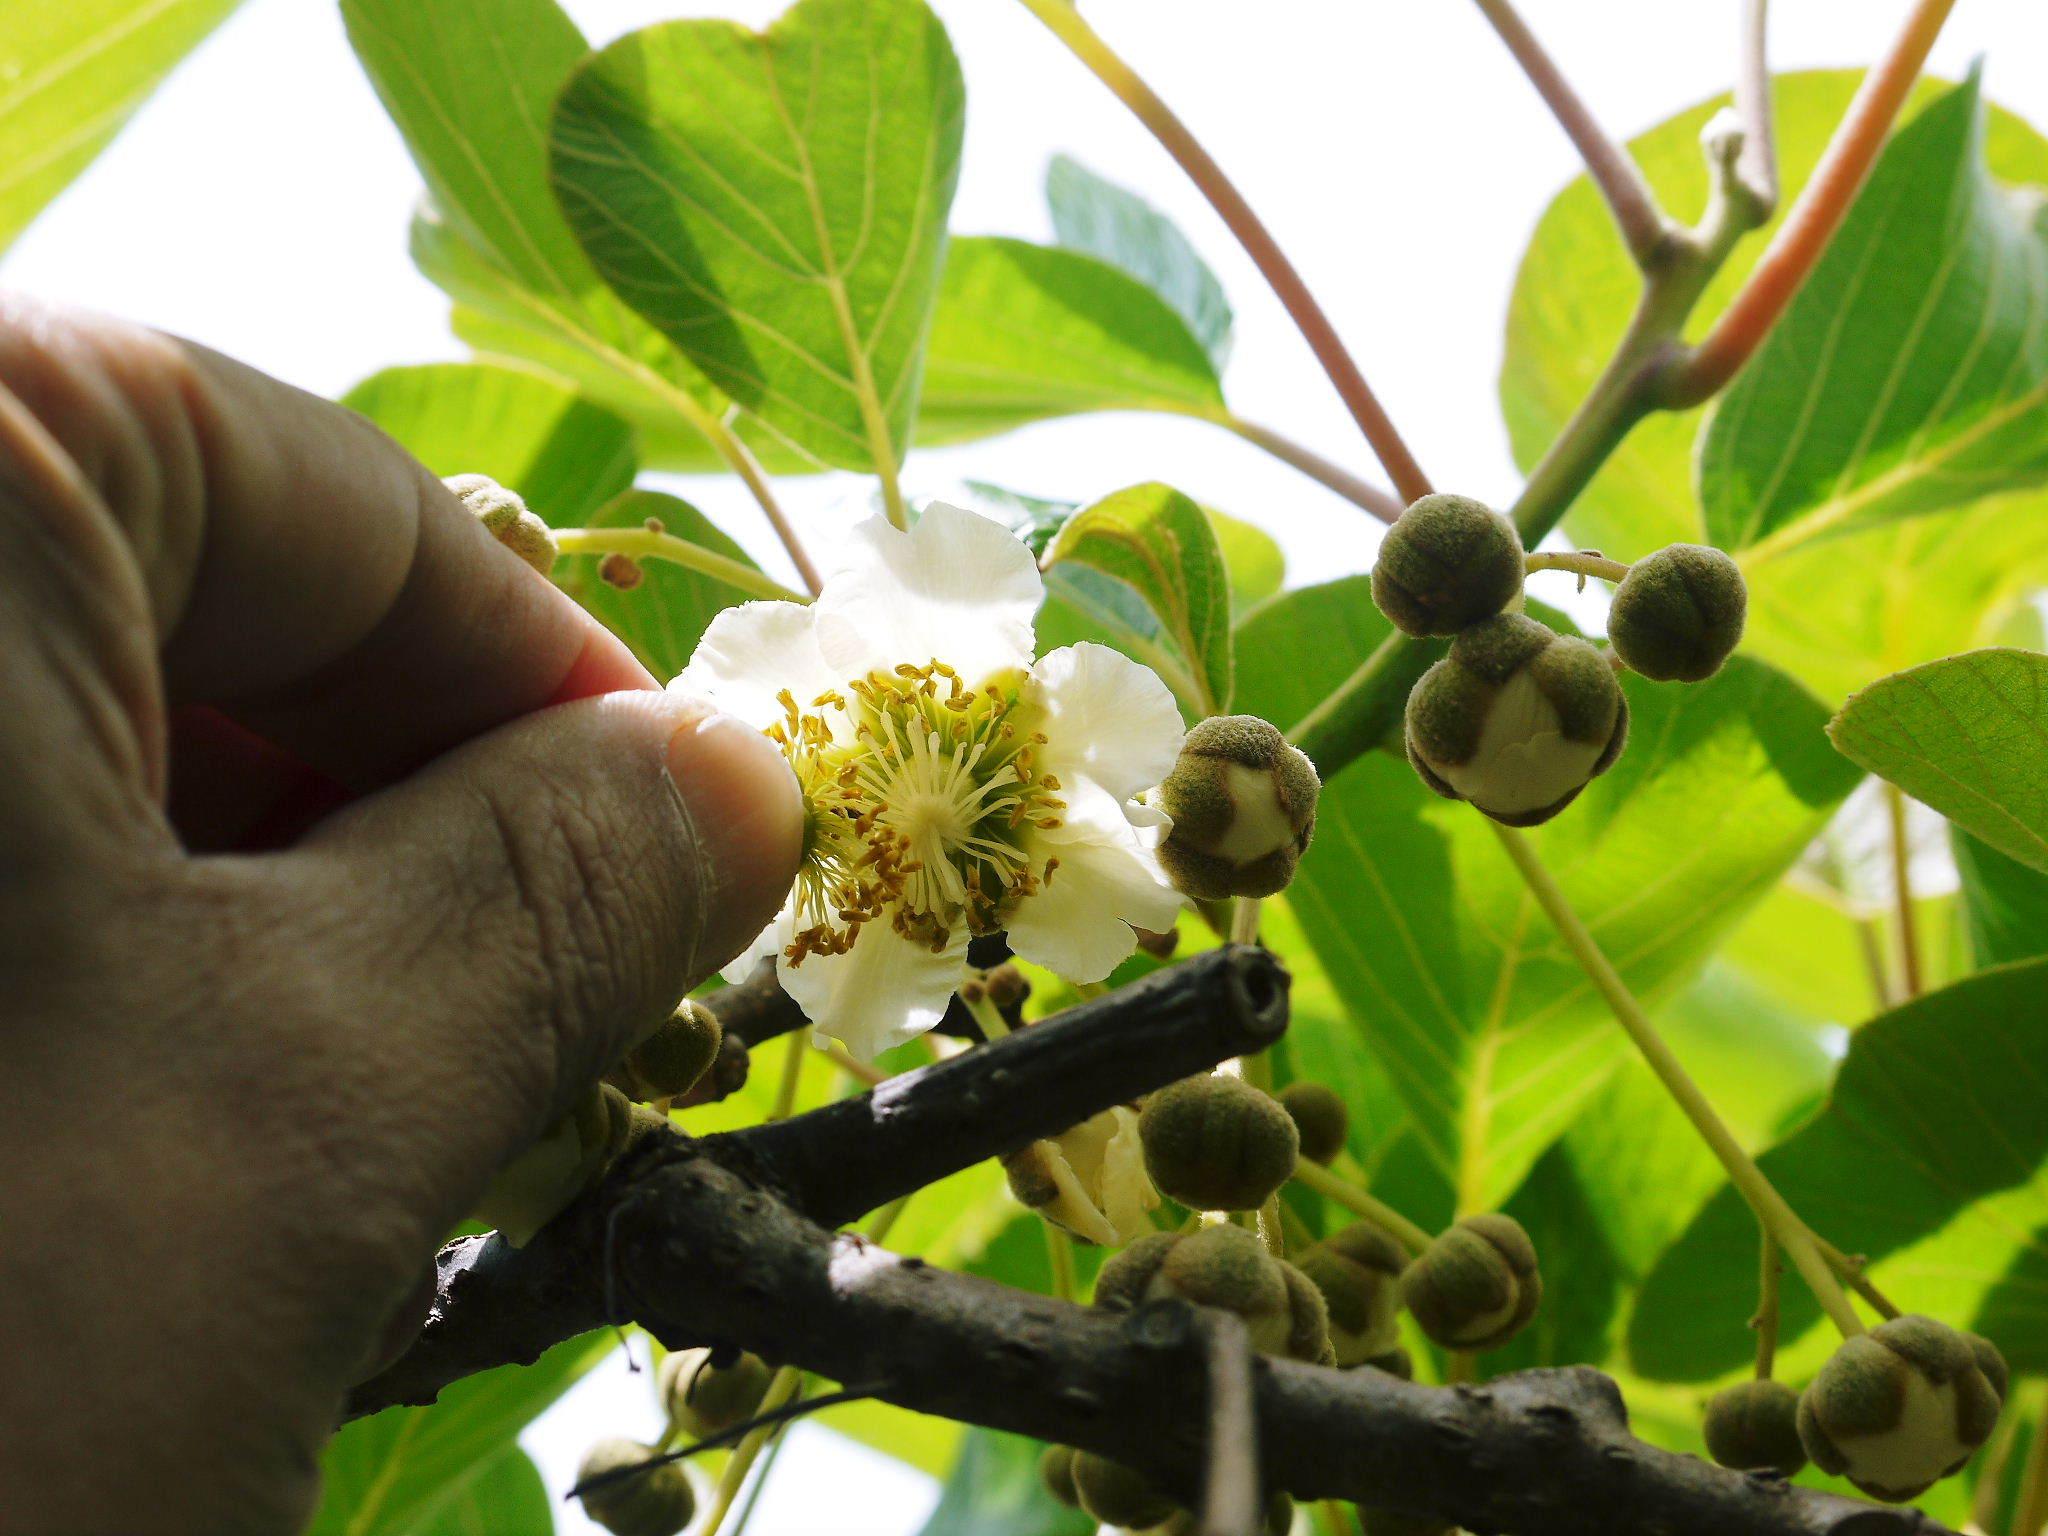 水源キウイ 令和3年の収穫は例年より少し早く11月上旬からの予定!今年も完全無農薬・無化学肥料栽培です_a0254656_19013263.jpg